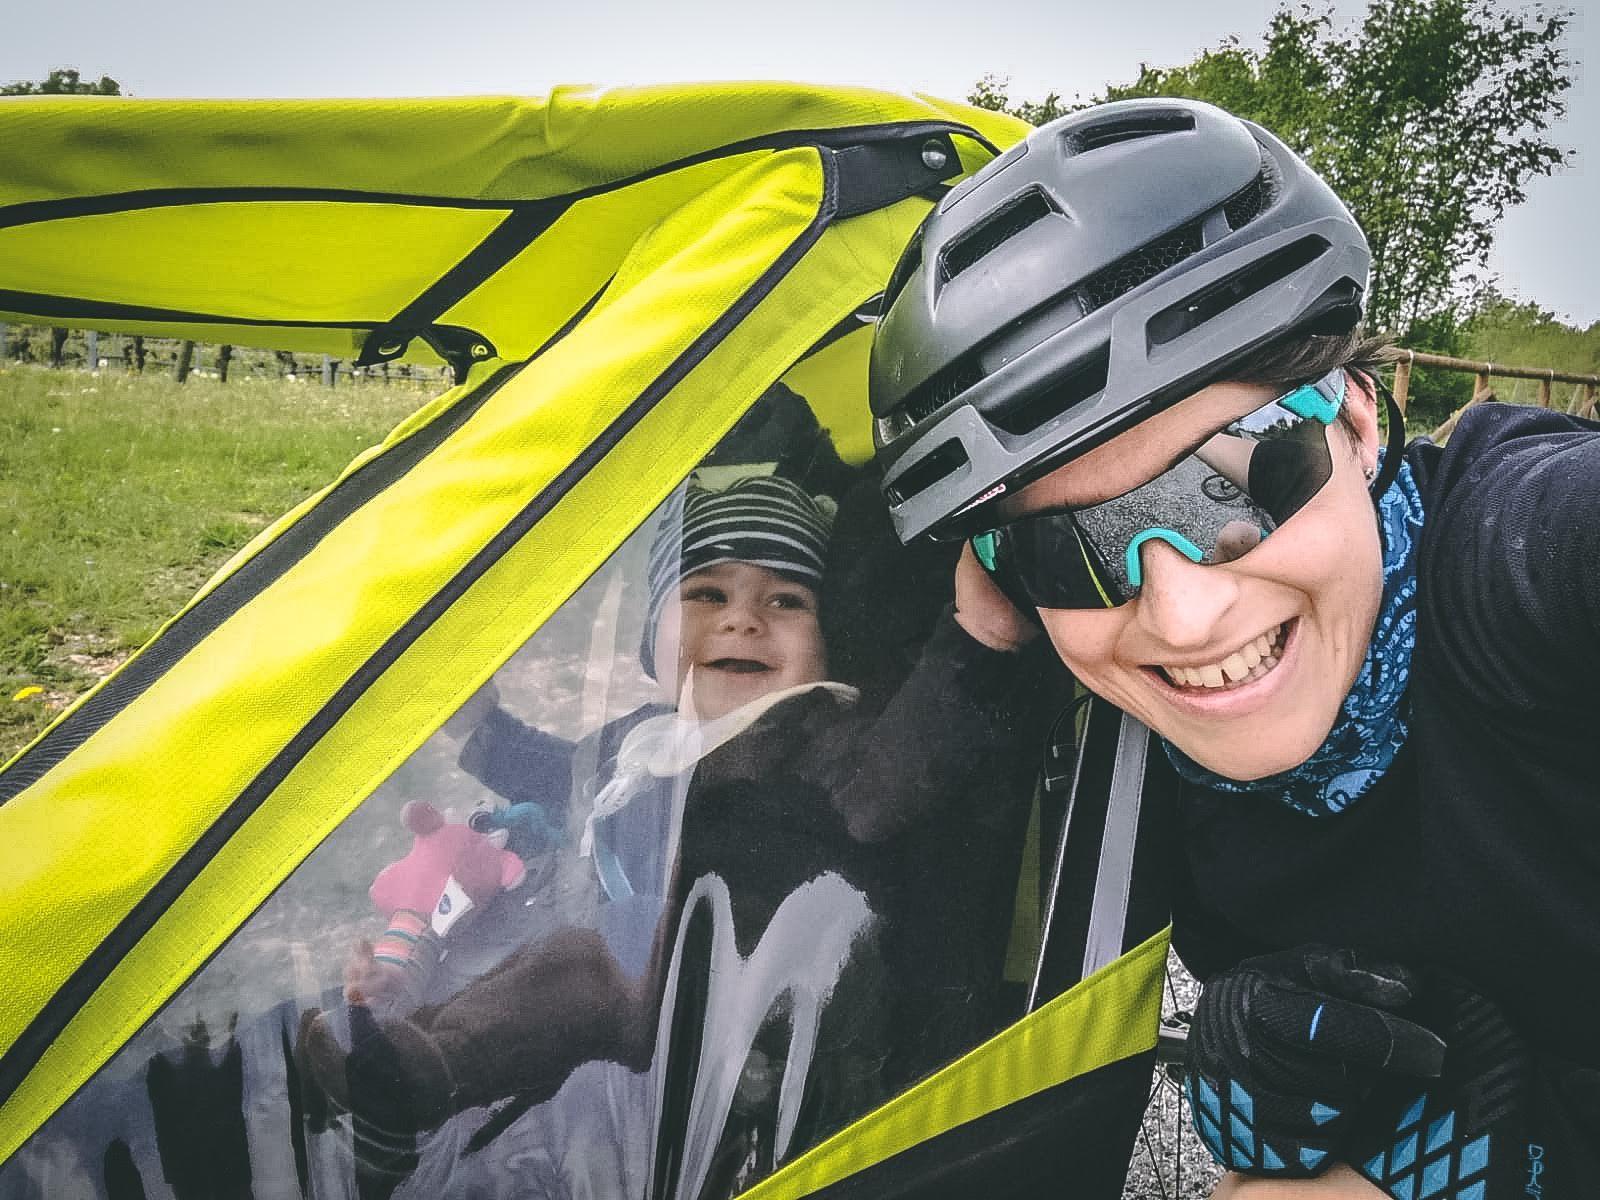 vacanza in bici con i bambini - Giulia e Bruno